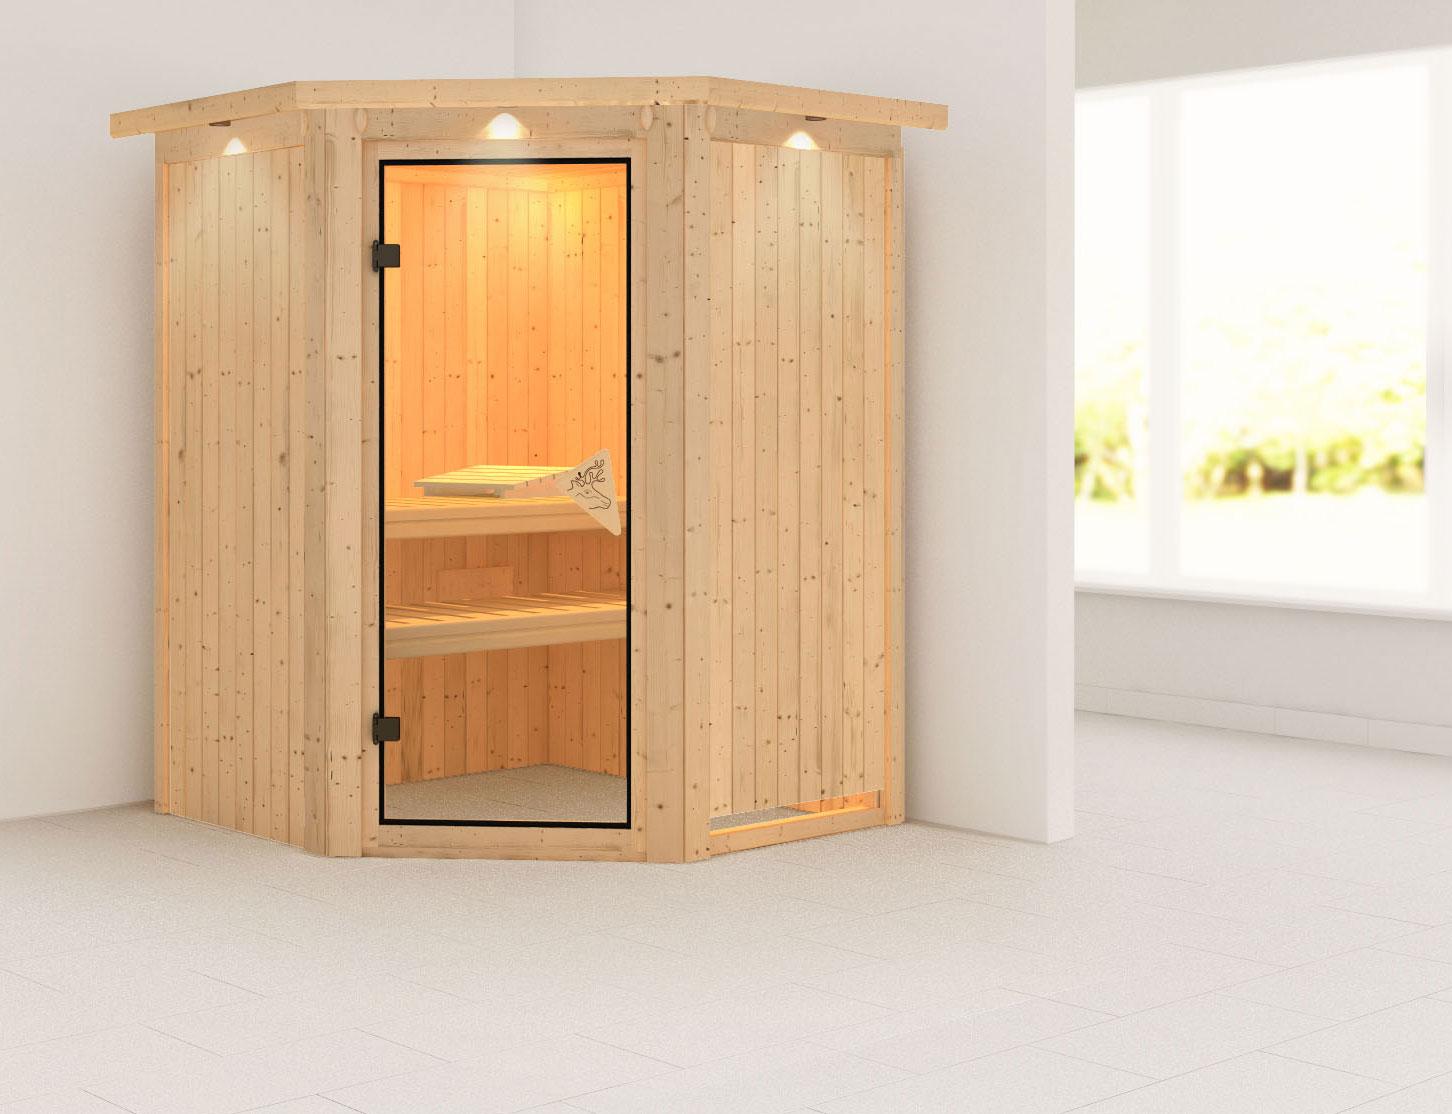 Karibu Sauna Nanja 68mm 230V Dachkranz ohne Ofen classic Tür Bild 1